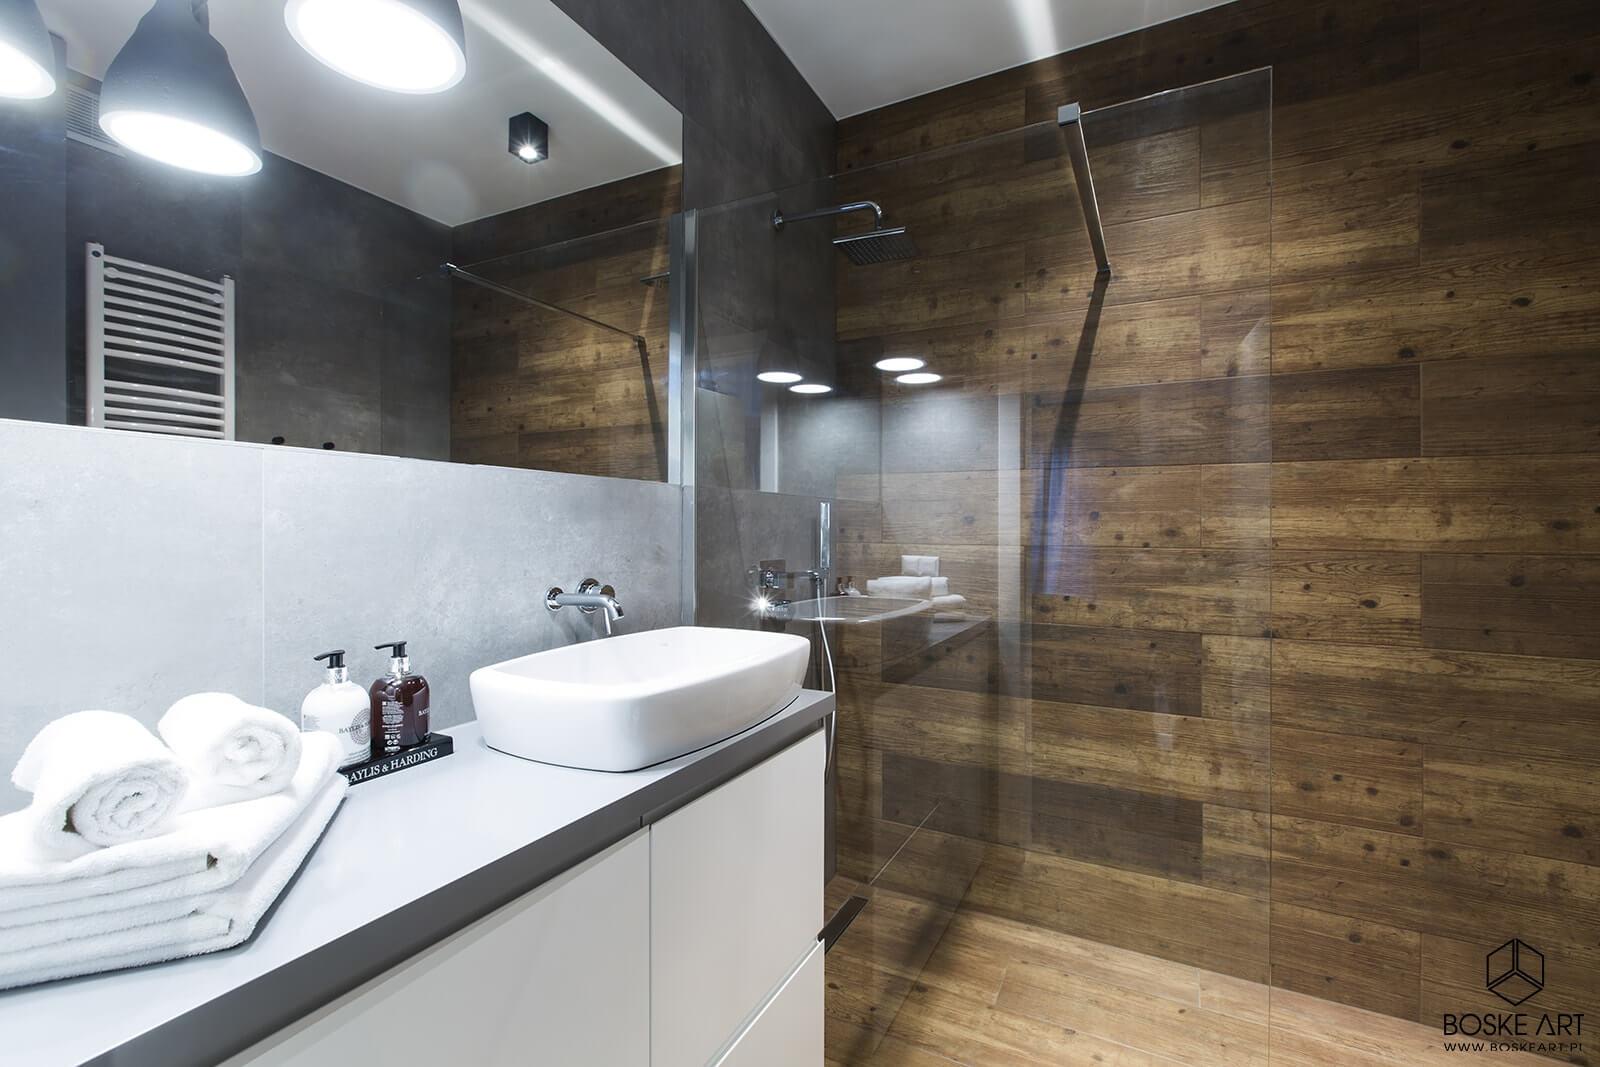 14_apartamenty_na_wynajem_poznan_boske_art_projektowanie_aranzacja_architektura_wnetrz_natalia_robaszkeiwicz-min